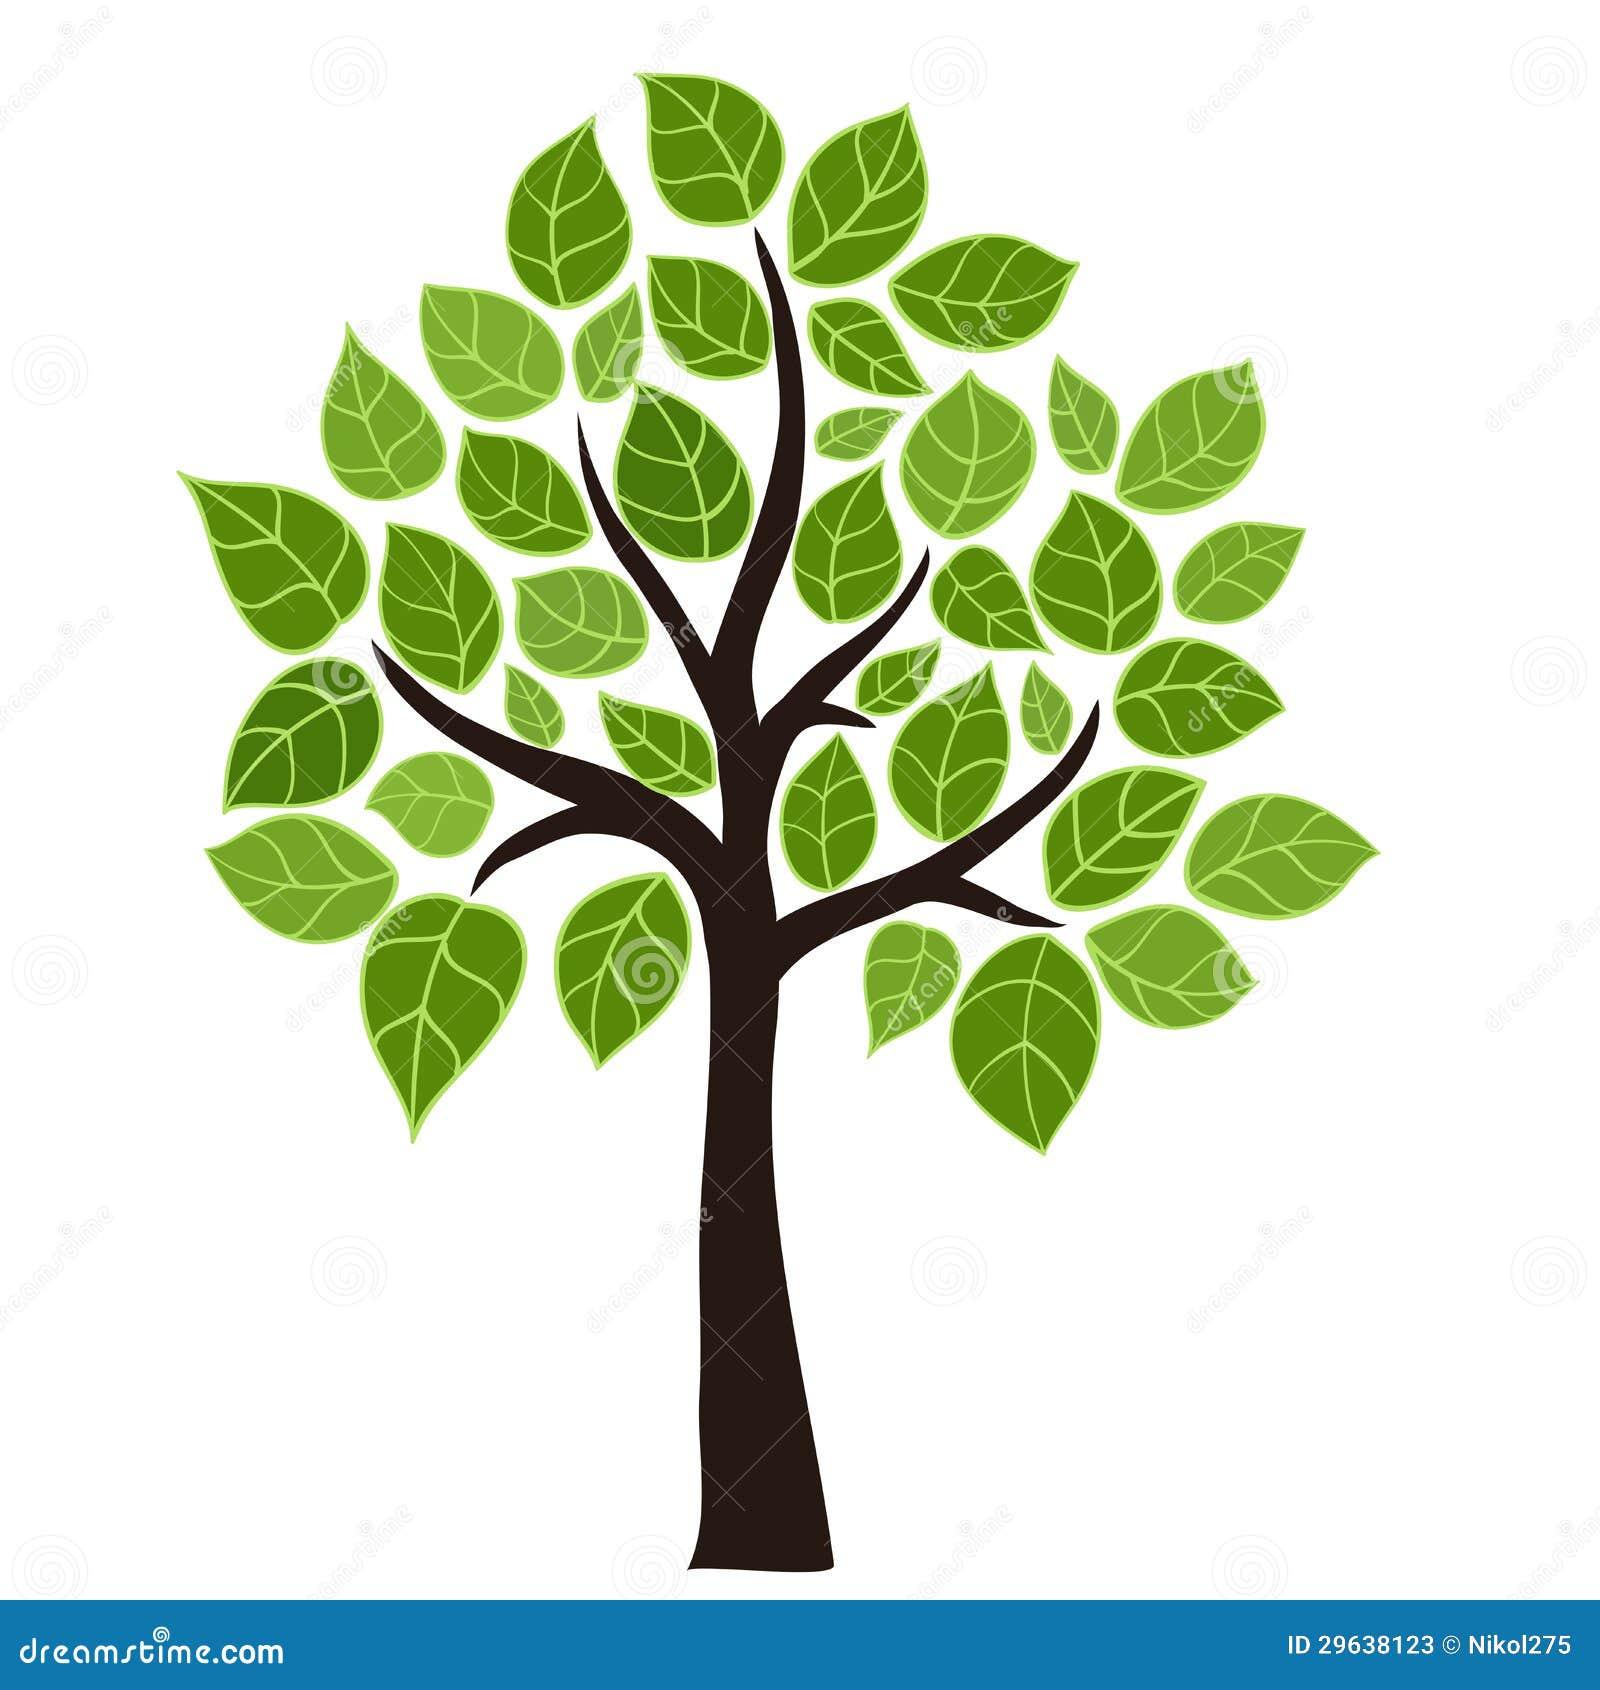 Stylized Tree Stock Photos Image 29638123